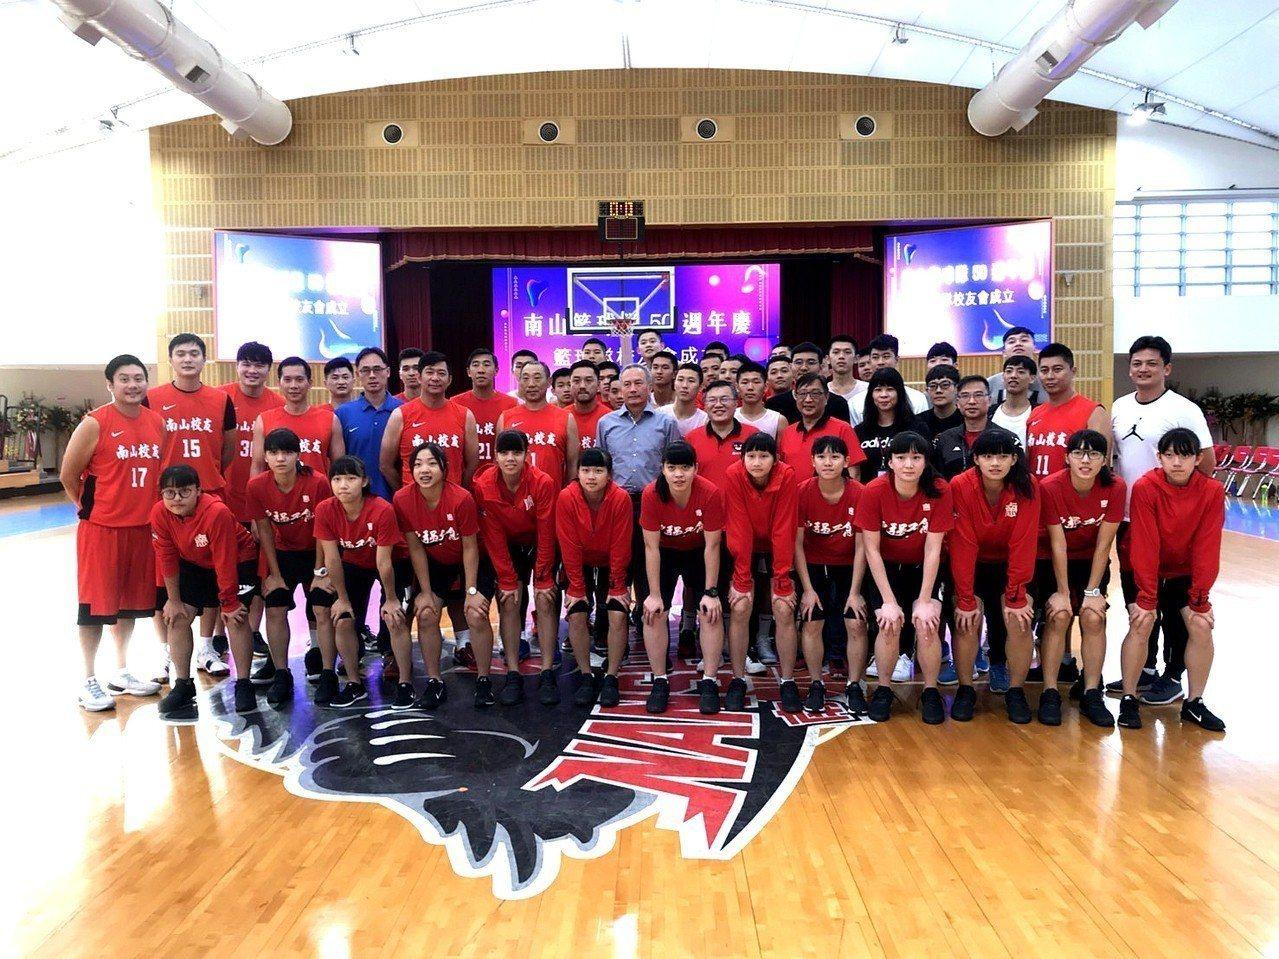 南山籃球隊在今天舉行成軍50周年慶。記者劉肇育/攝影